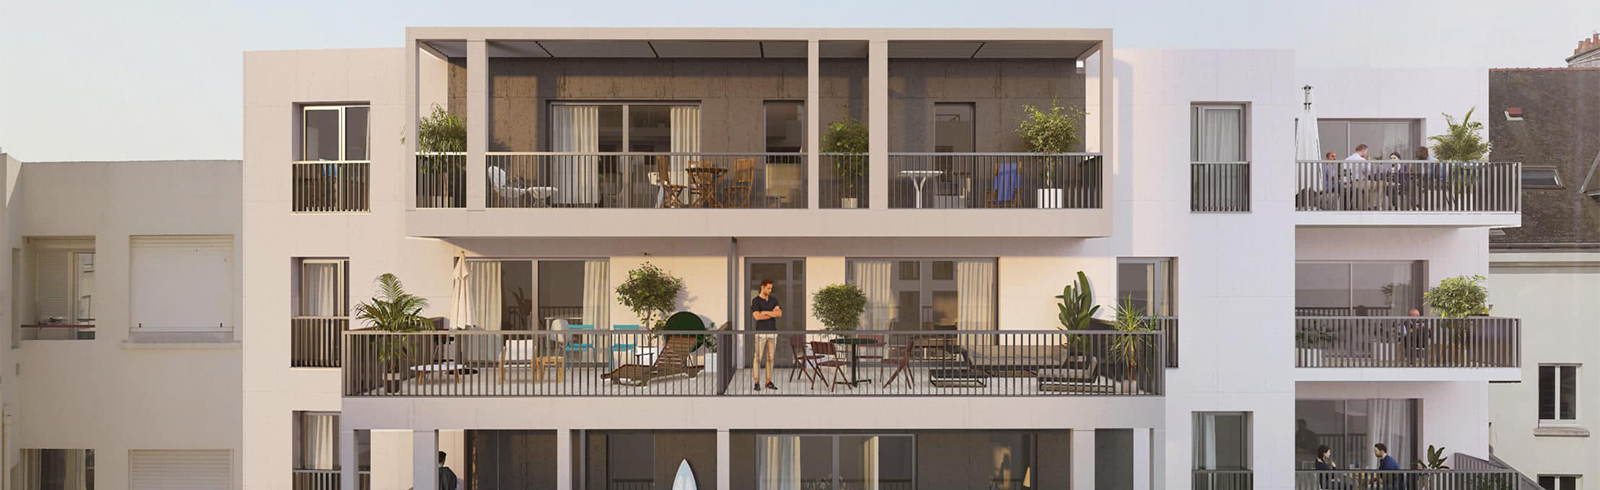 Programmes immobiliers neufs à Lorient dans le Morbihan